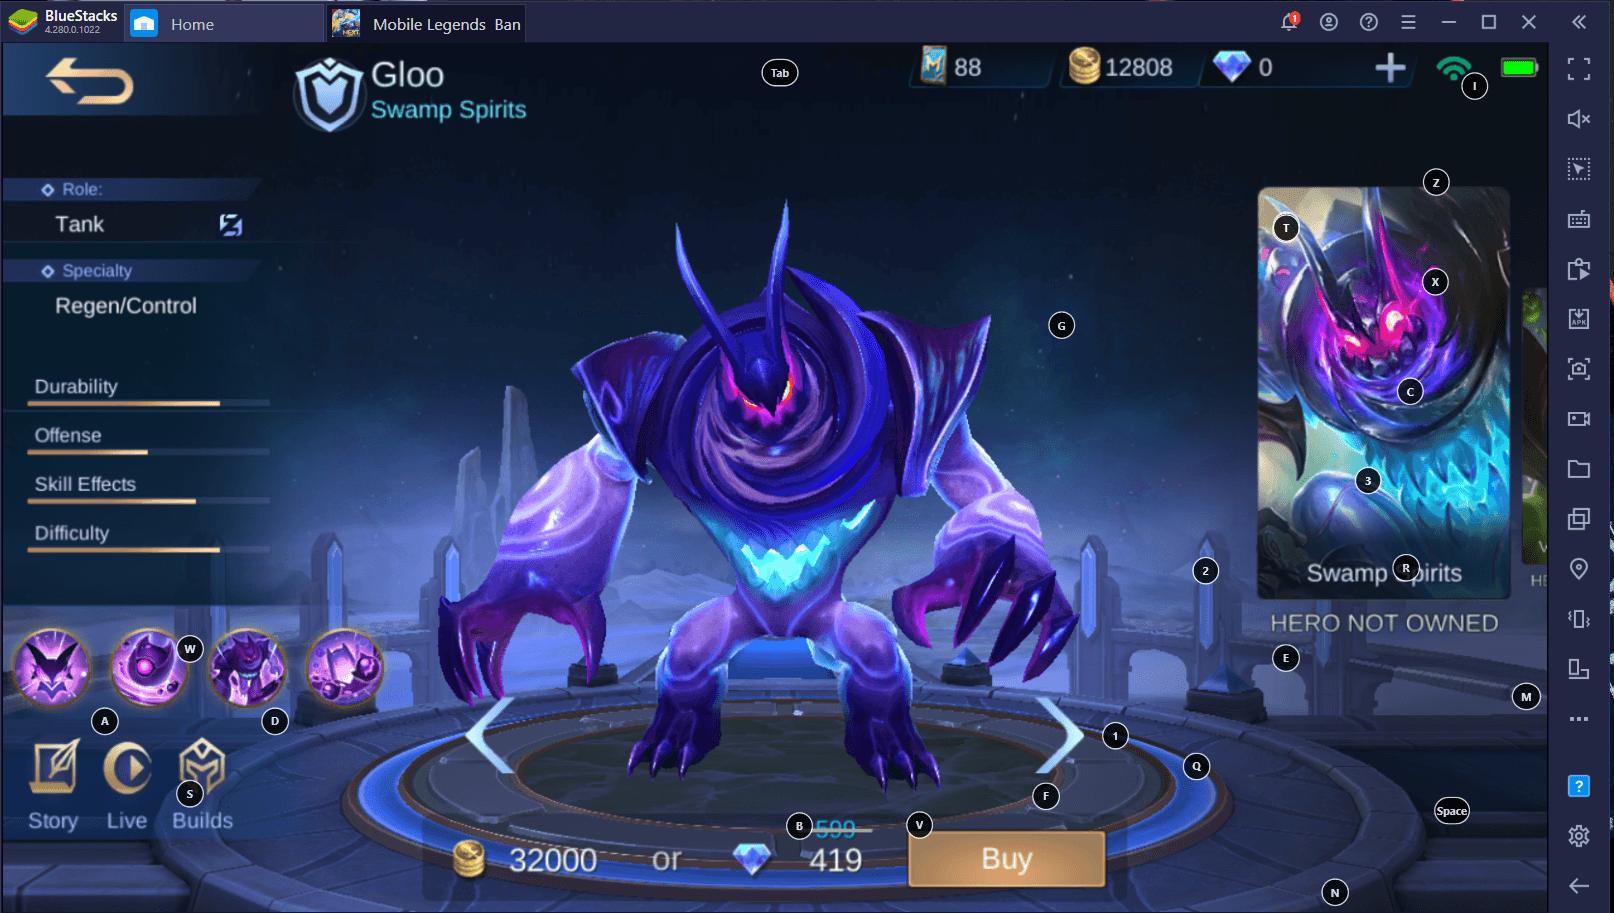 5 Hero Terbaik Untuk Melawan Tank Baru Mobile Legends, Gloo!